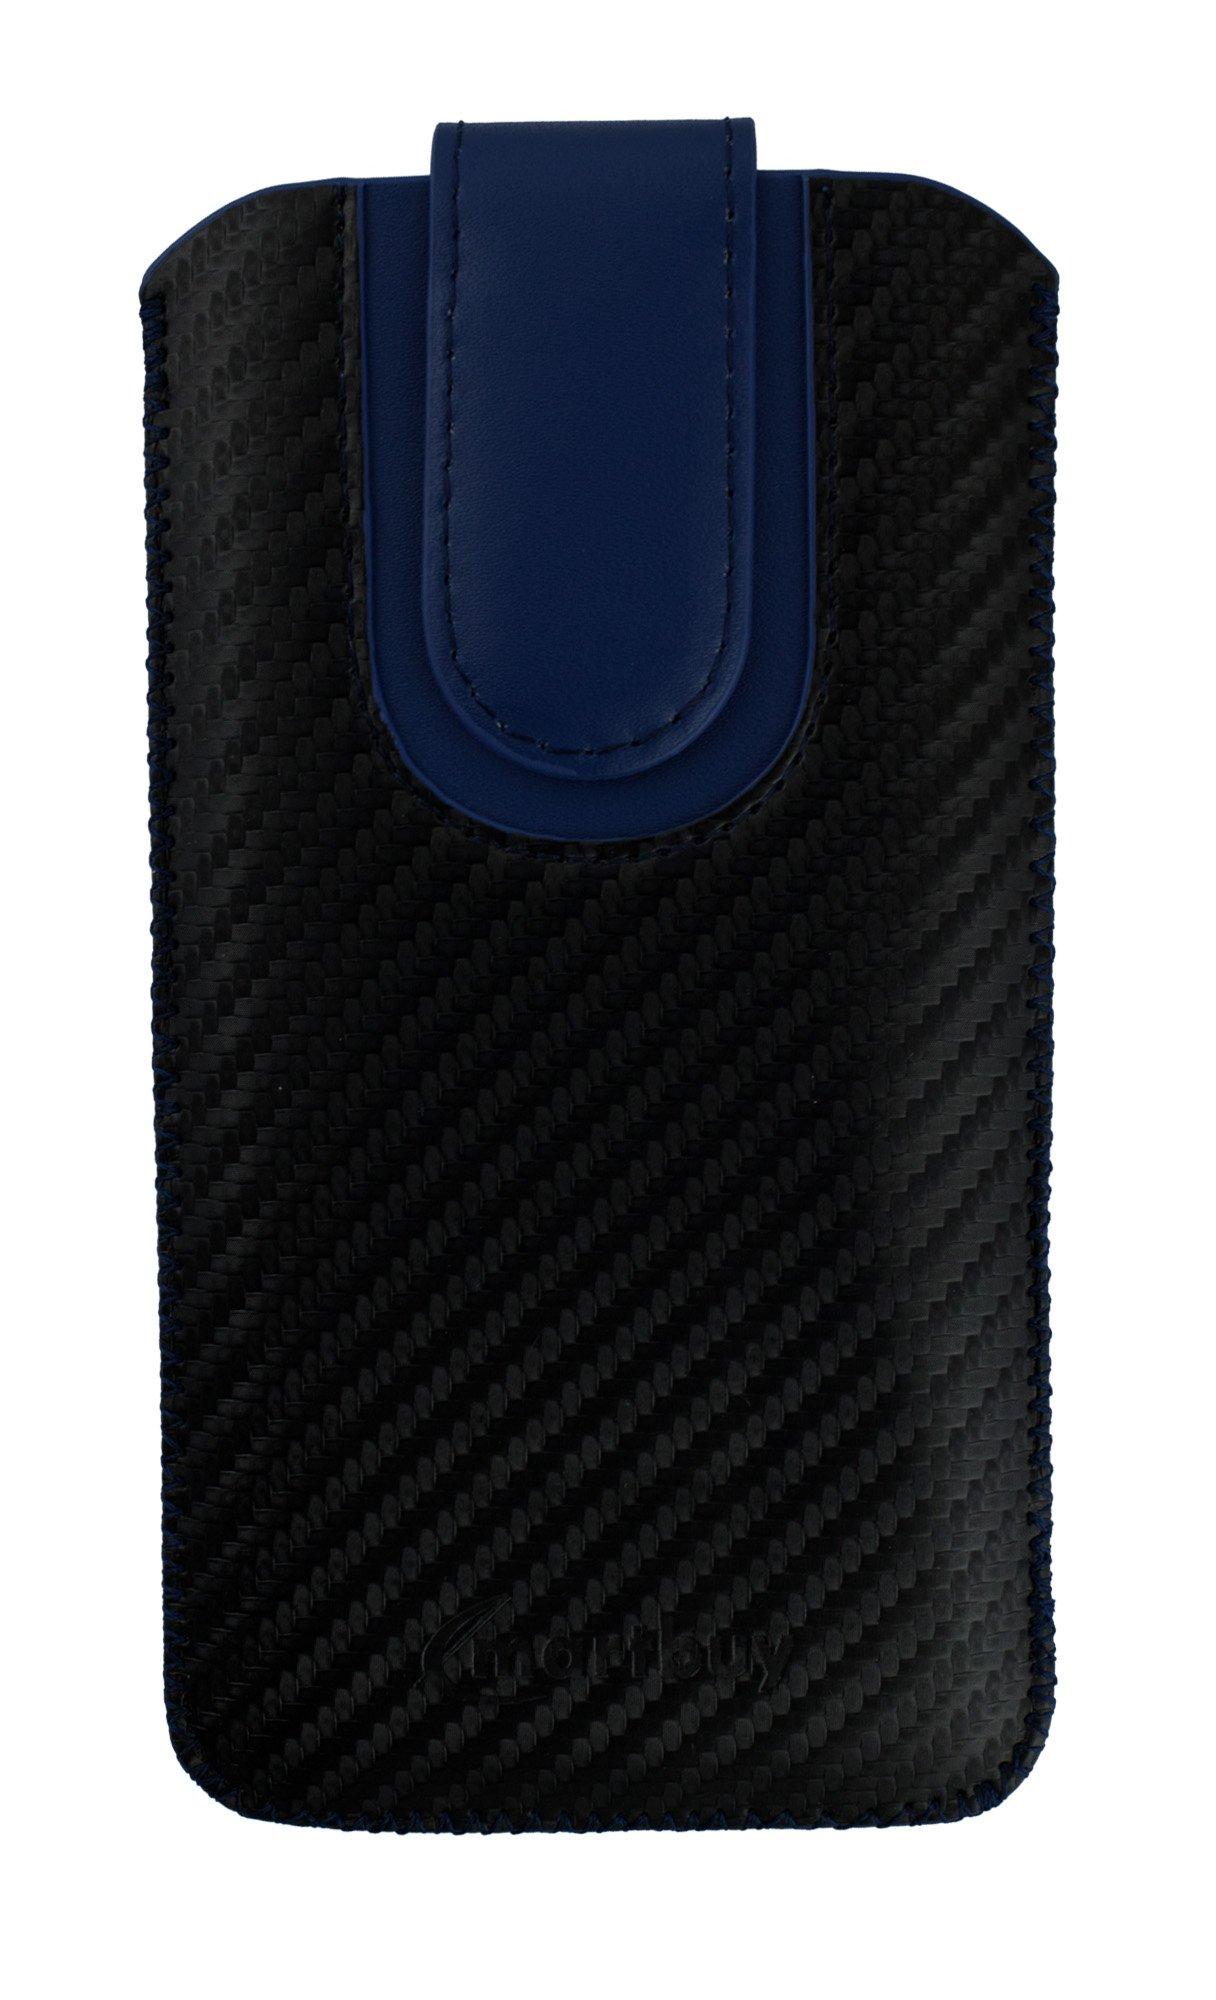 Emartbuy Negro/Azul Carbono Fibre Finish Premium PU Cuero De La Diapositiva En La Funda De La Bolsa Caso Titular De La Cubierta (Talla LM4) Compatible con Smartphones Enumerados Abajo: Amazon.es: Electrónica